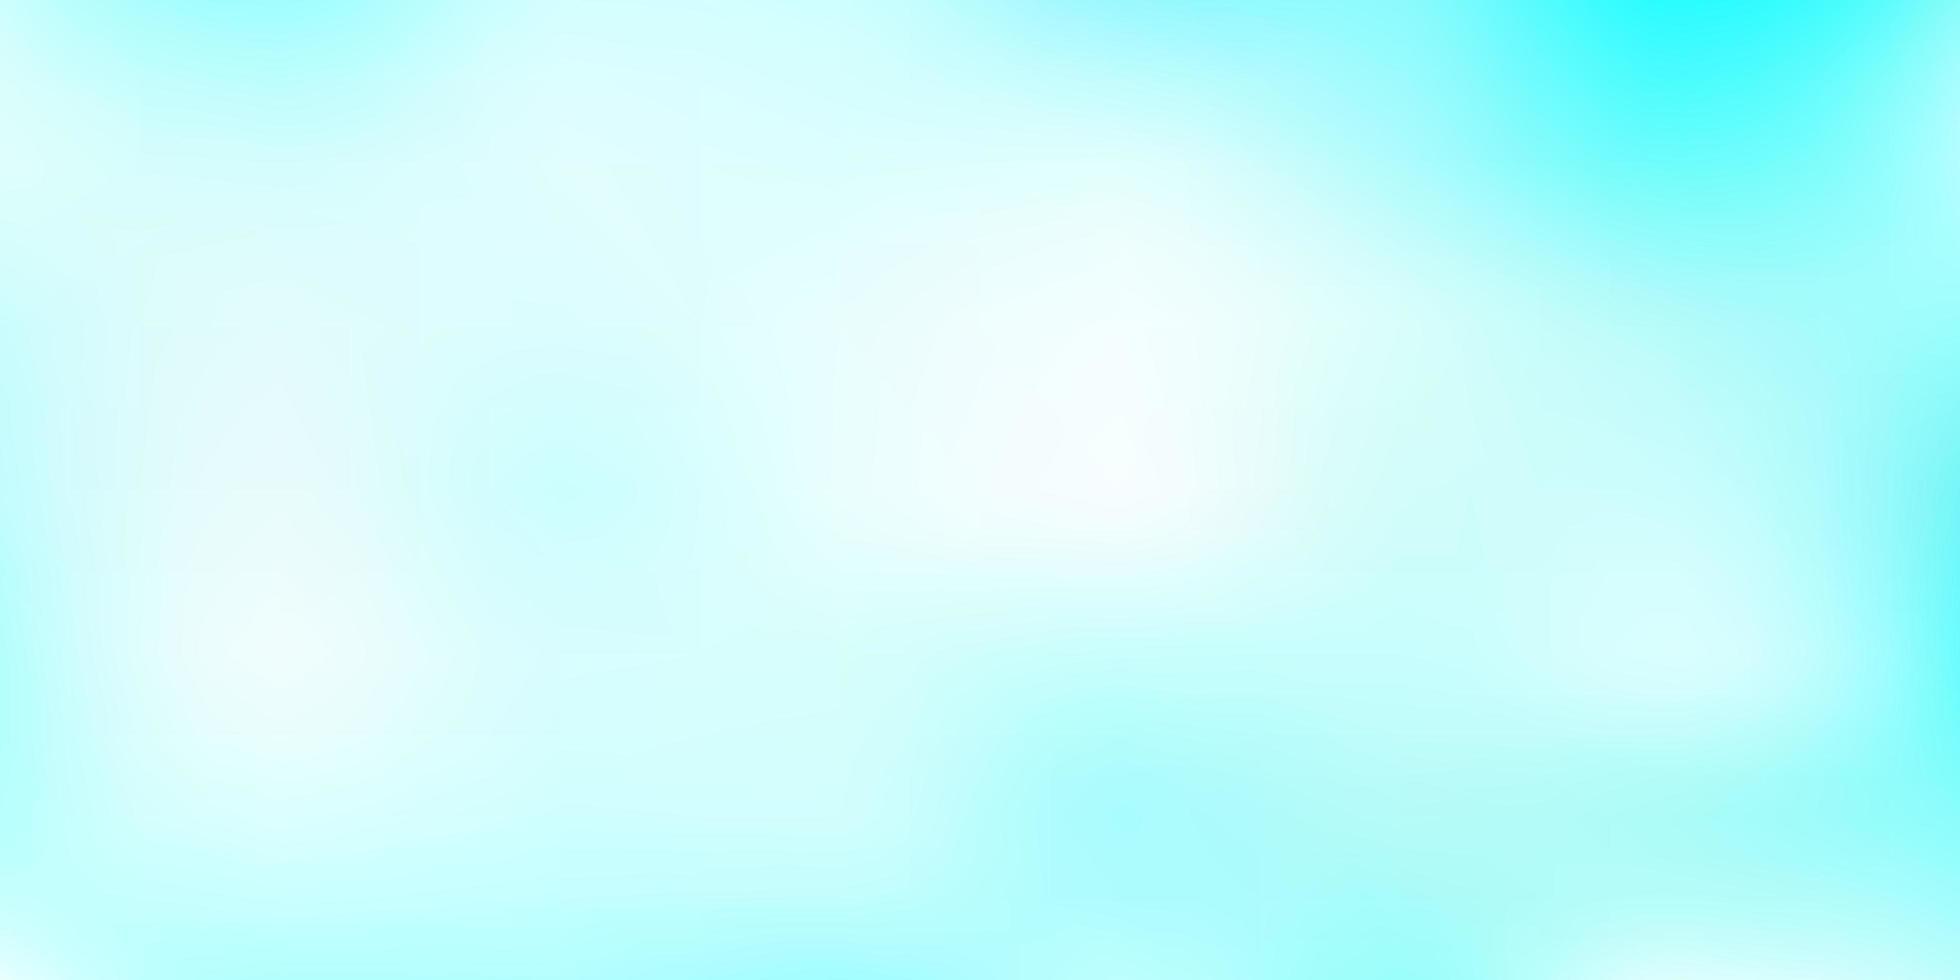 ljusblå suddighetsritning för vektor. vektor